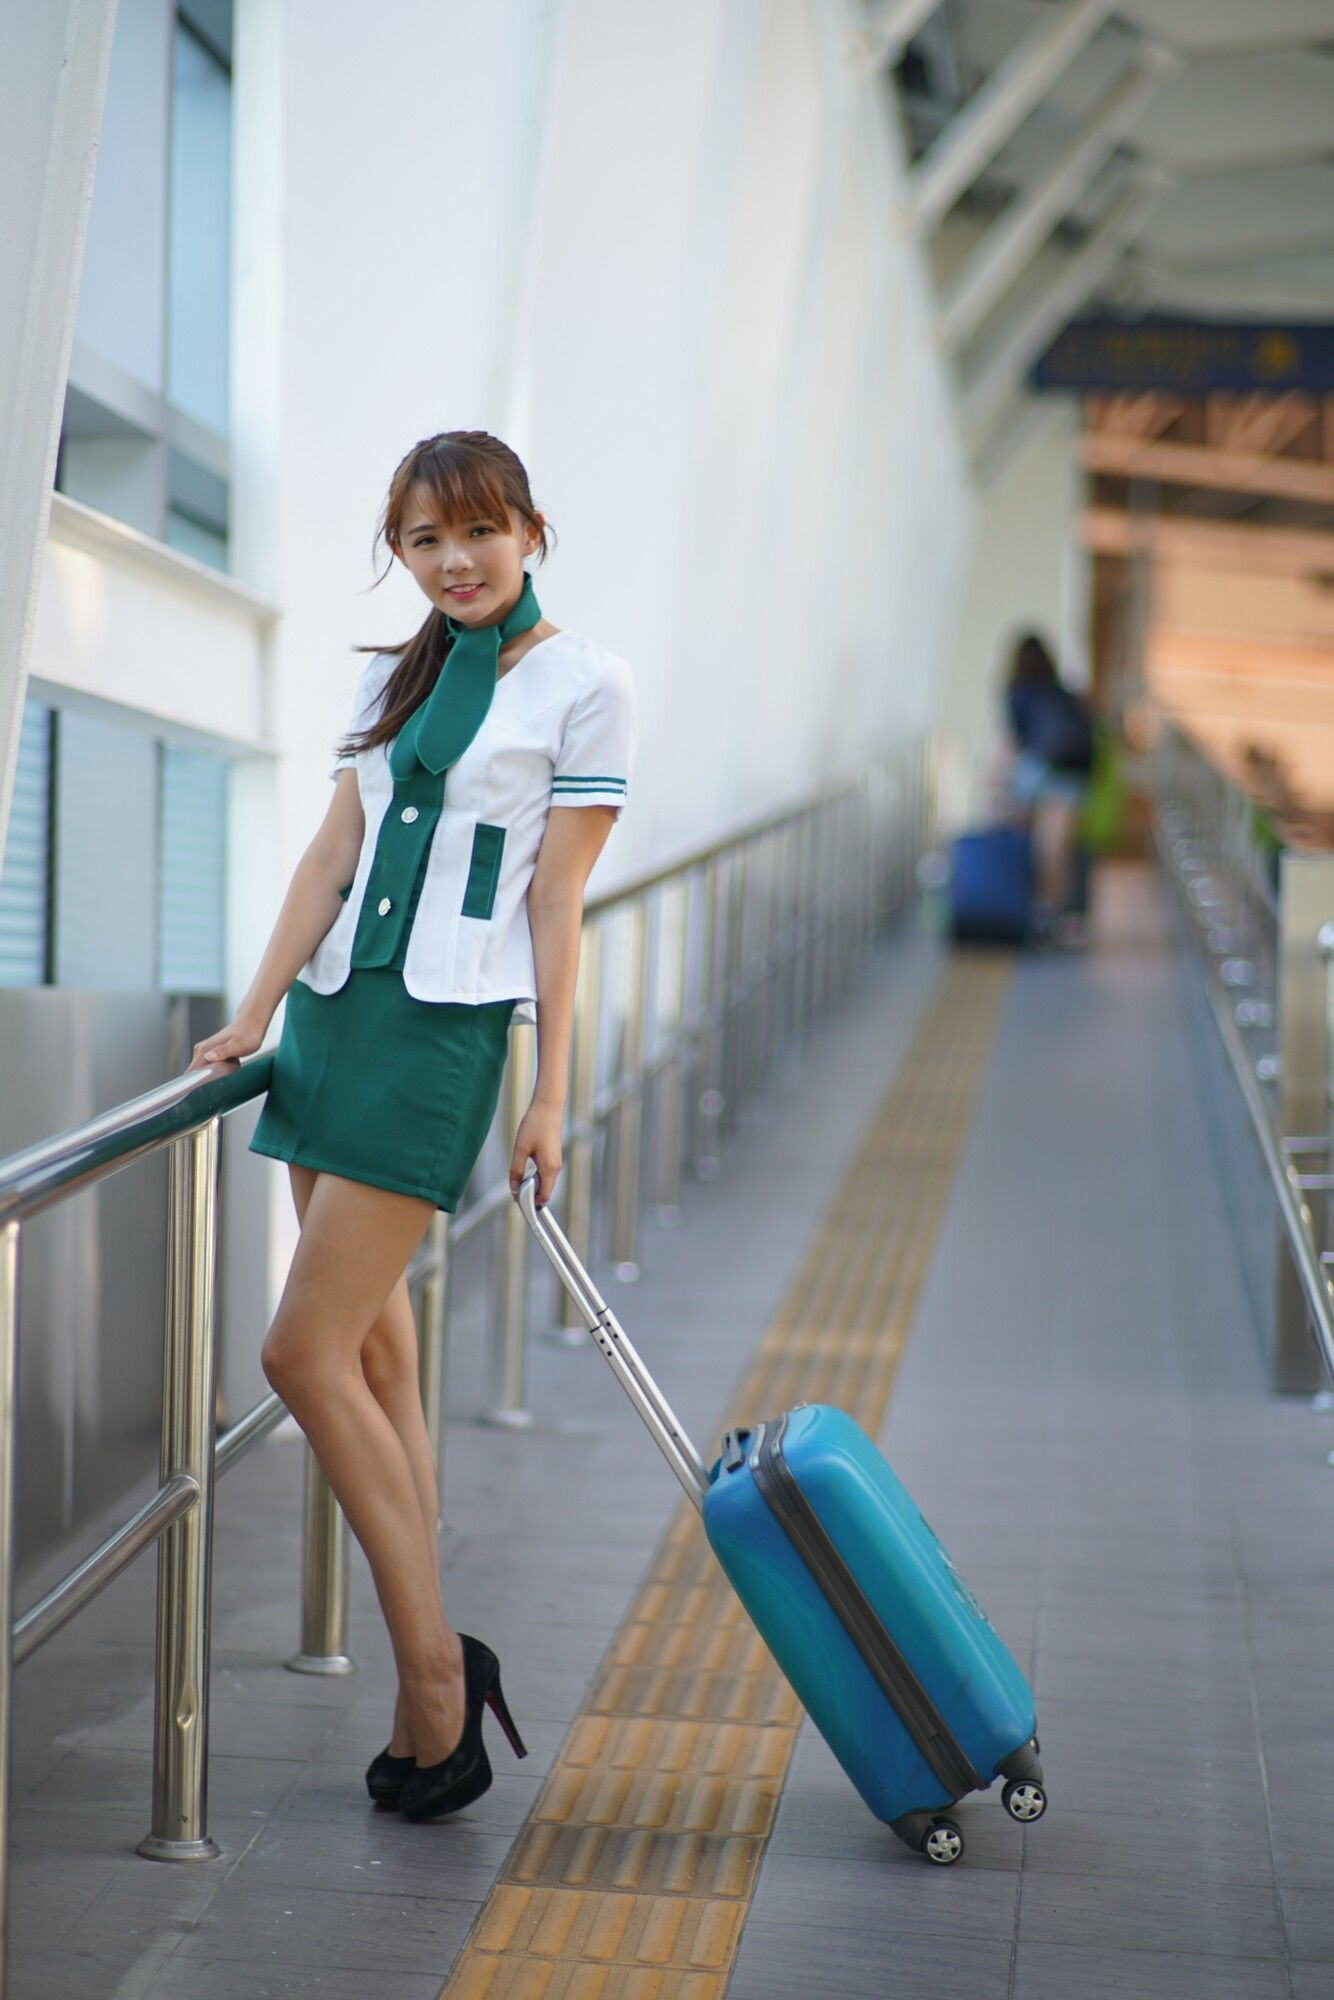 [台湾女神] 苏郁媛 - 烏日高鐵~空姐制服 写真图片